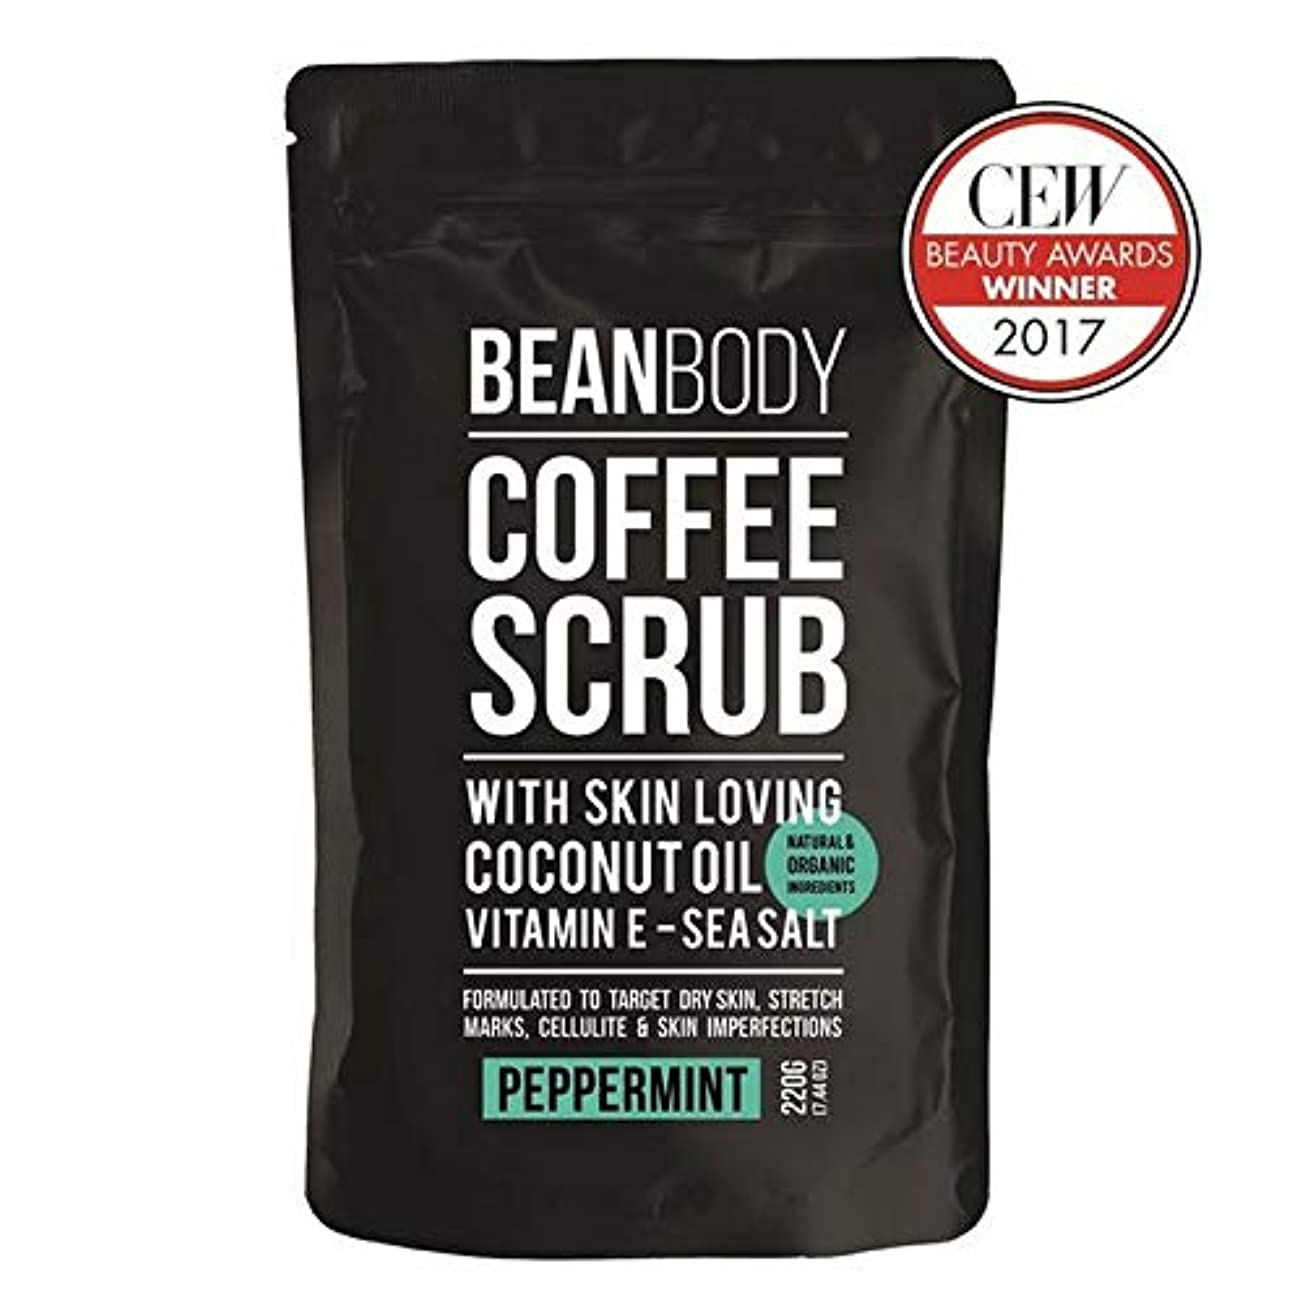 砂利論理的にパッケージ[Bean Body ] 豆のボディコーヒースクラブ、ペパーミント220グラム - Bean Body Coffee Scrub, Peppermint 220g [並行輸入品]